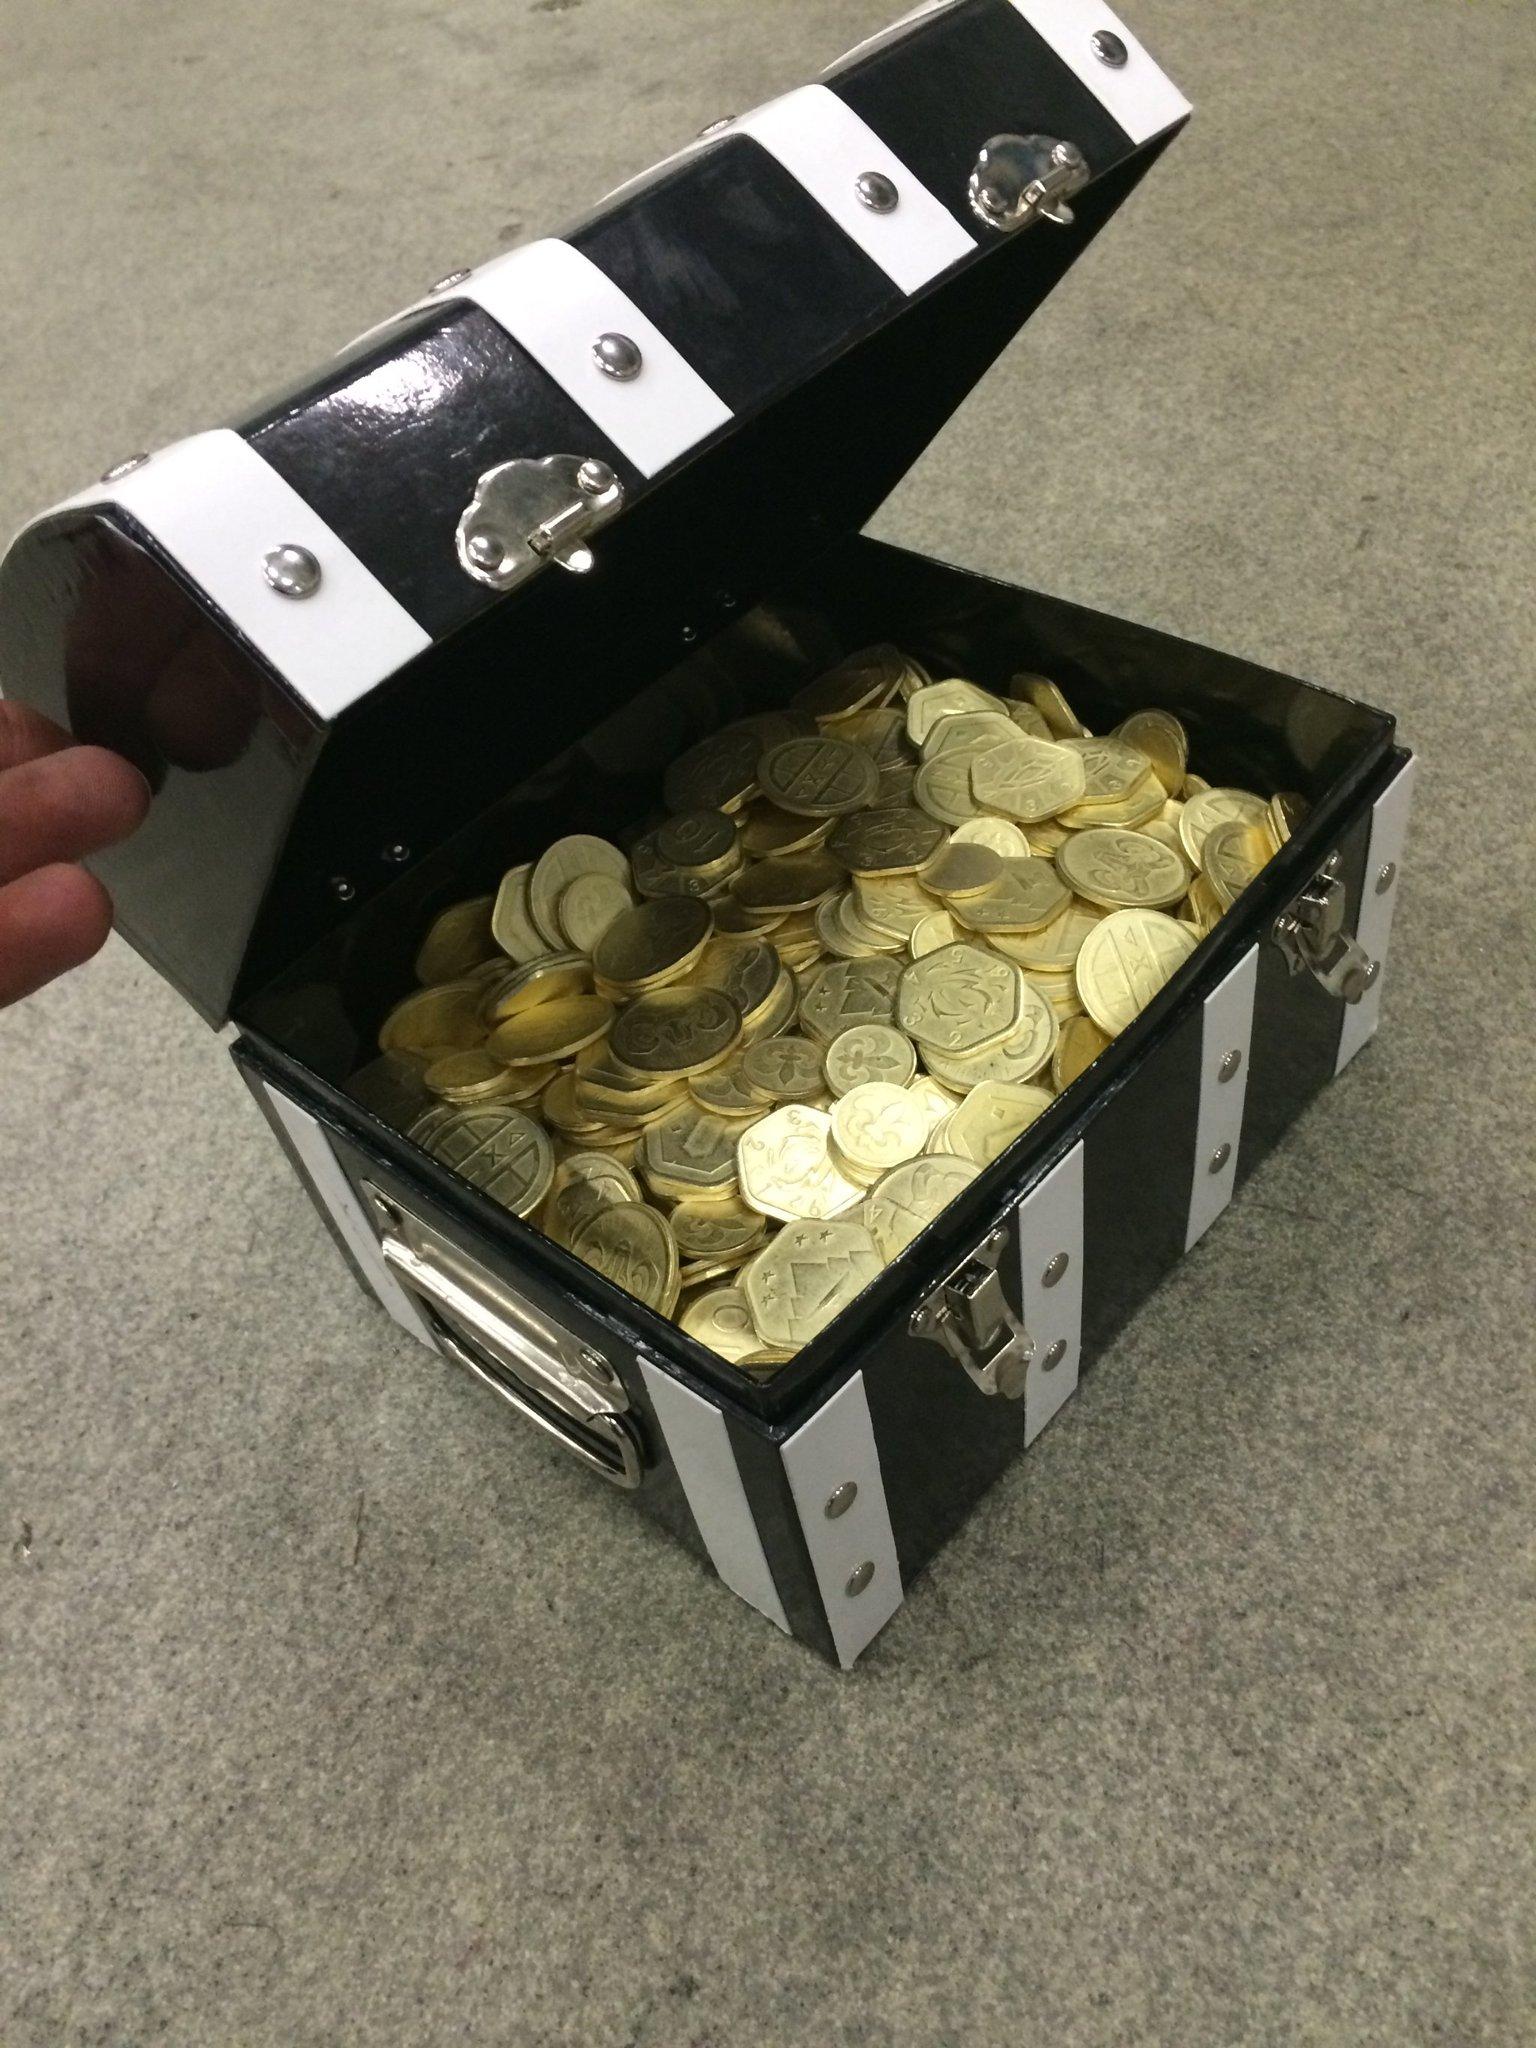 2bd5a92d Designa ditt eget mynt! 1000 st.. (348786387) ᐈ FantasyGoldCoins på ...